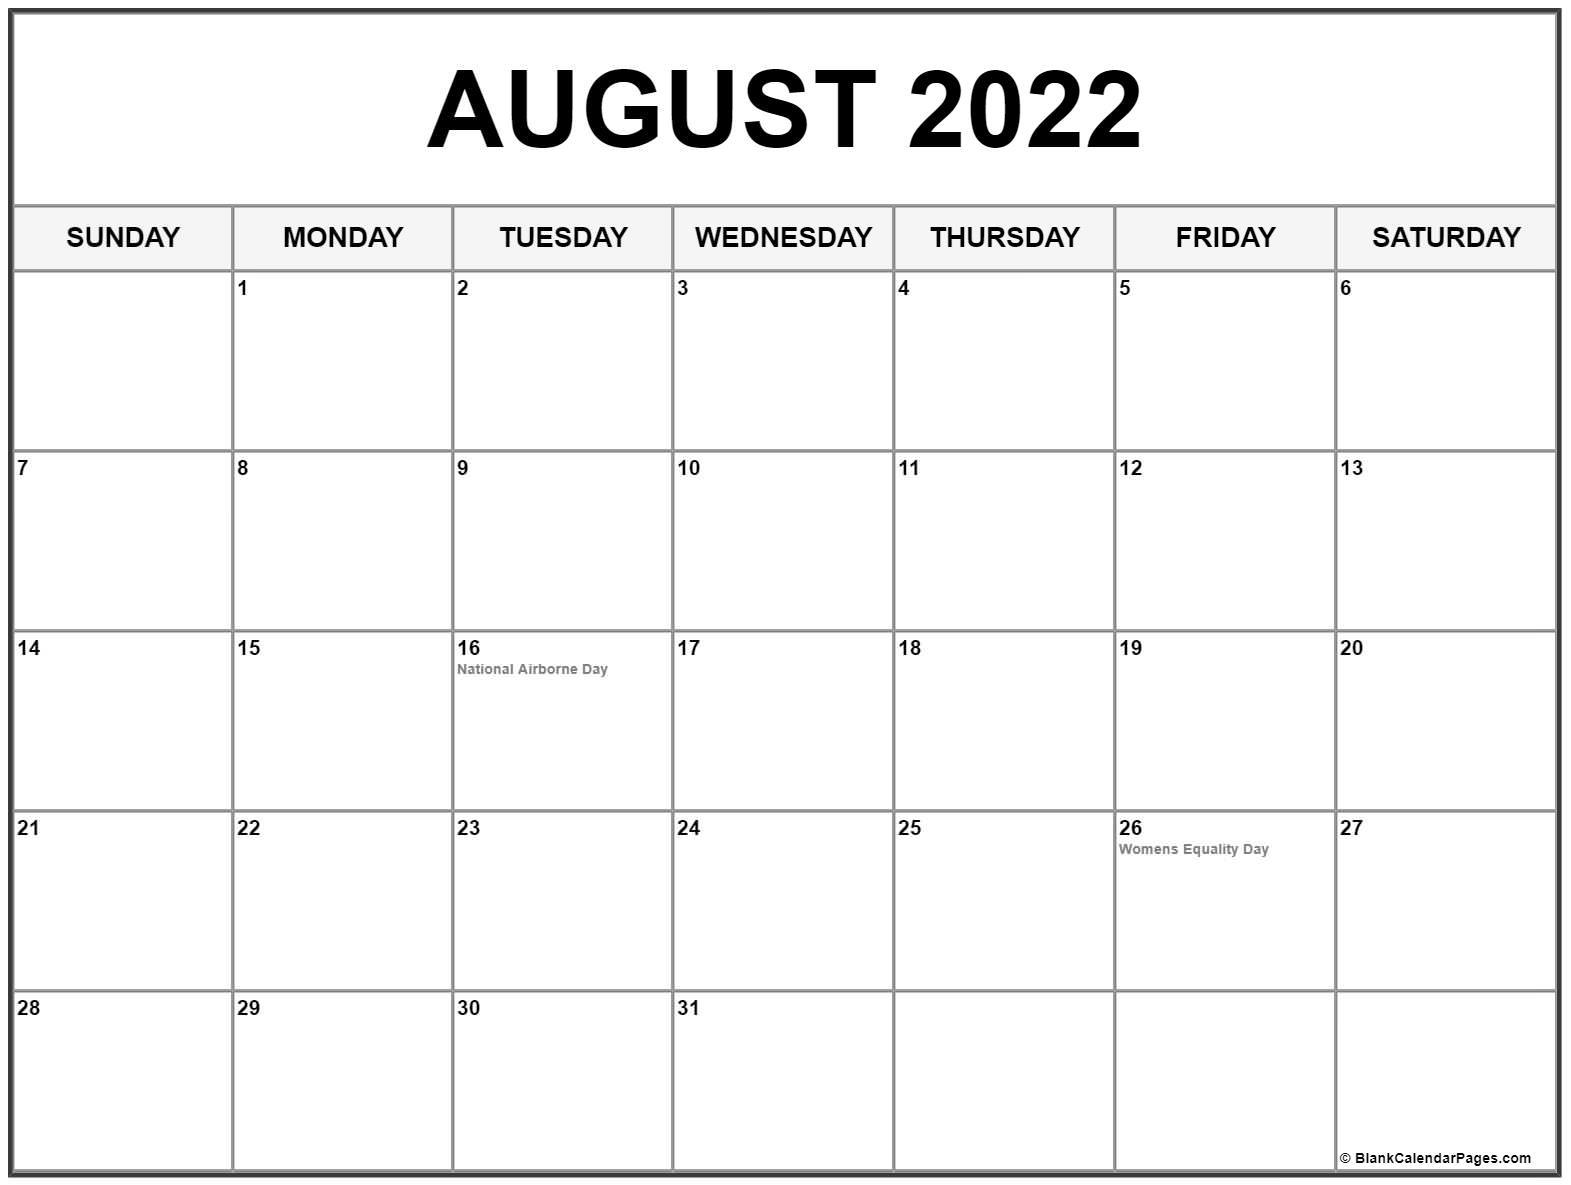 Free Printable Calendar For August 2022 - July Calendar 2022 throughout Fort Zumwalt 2022 2023 Calendar